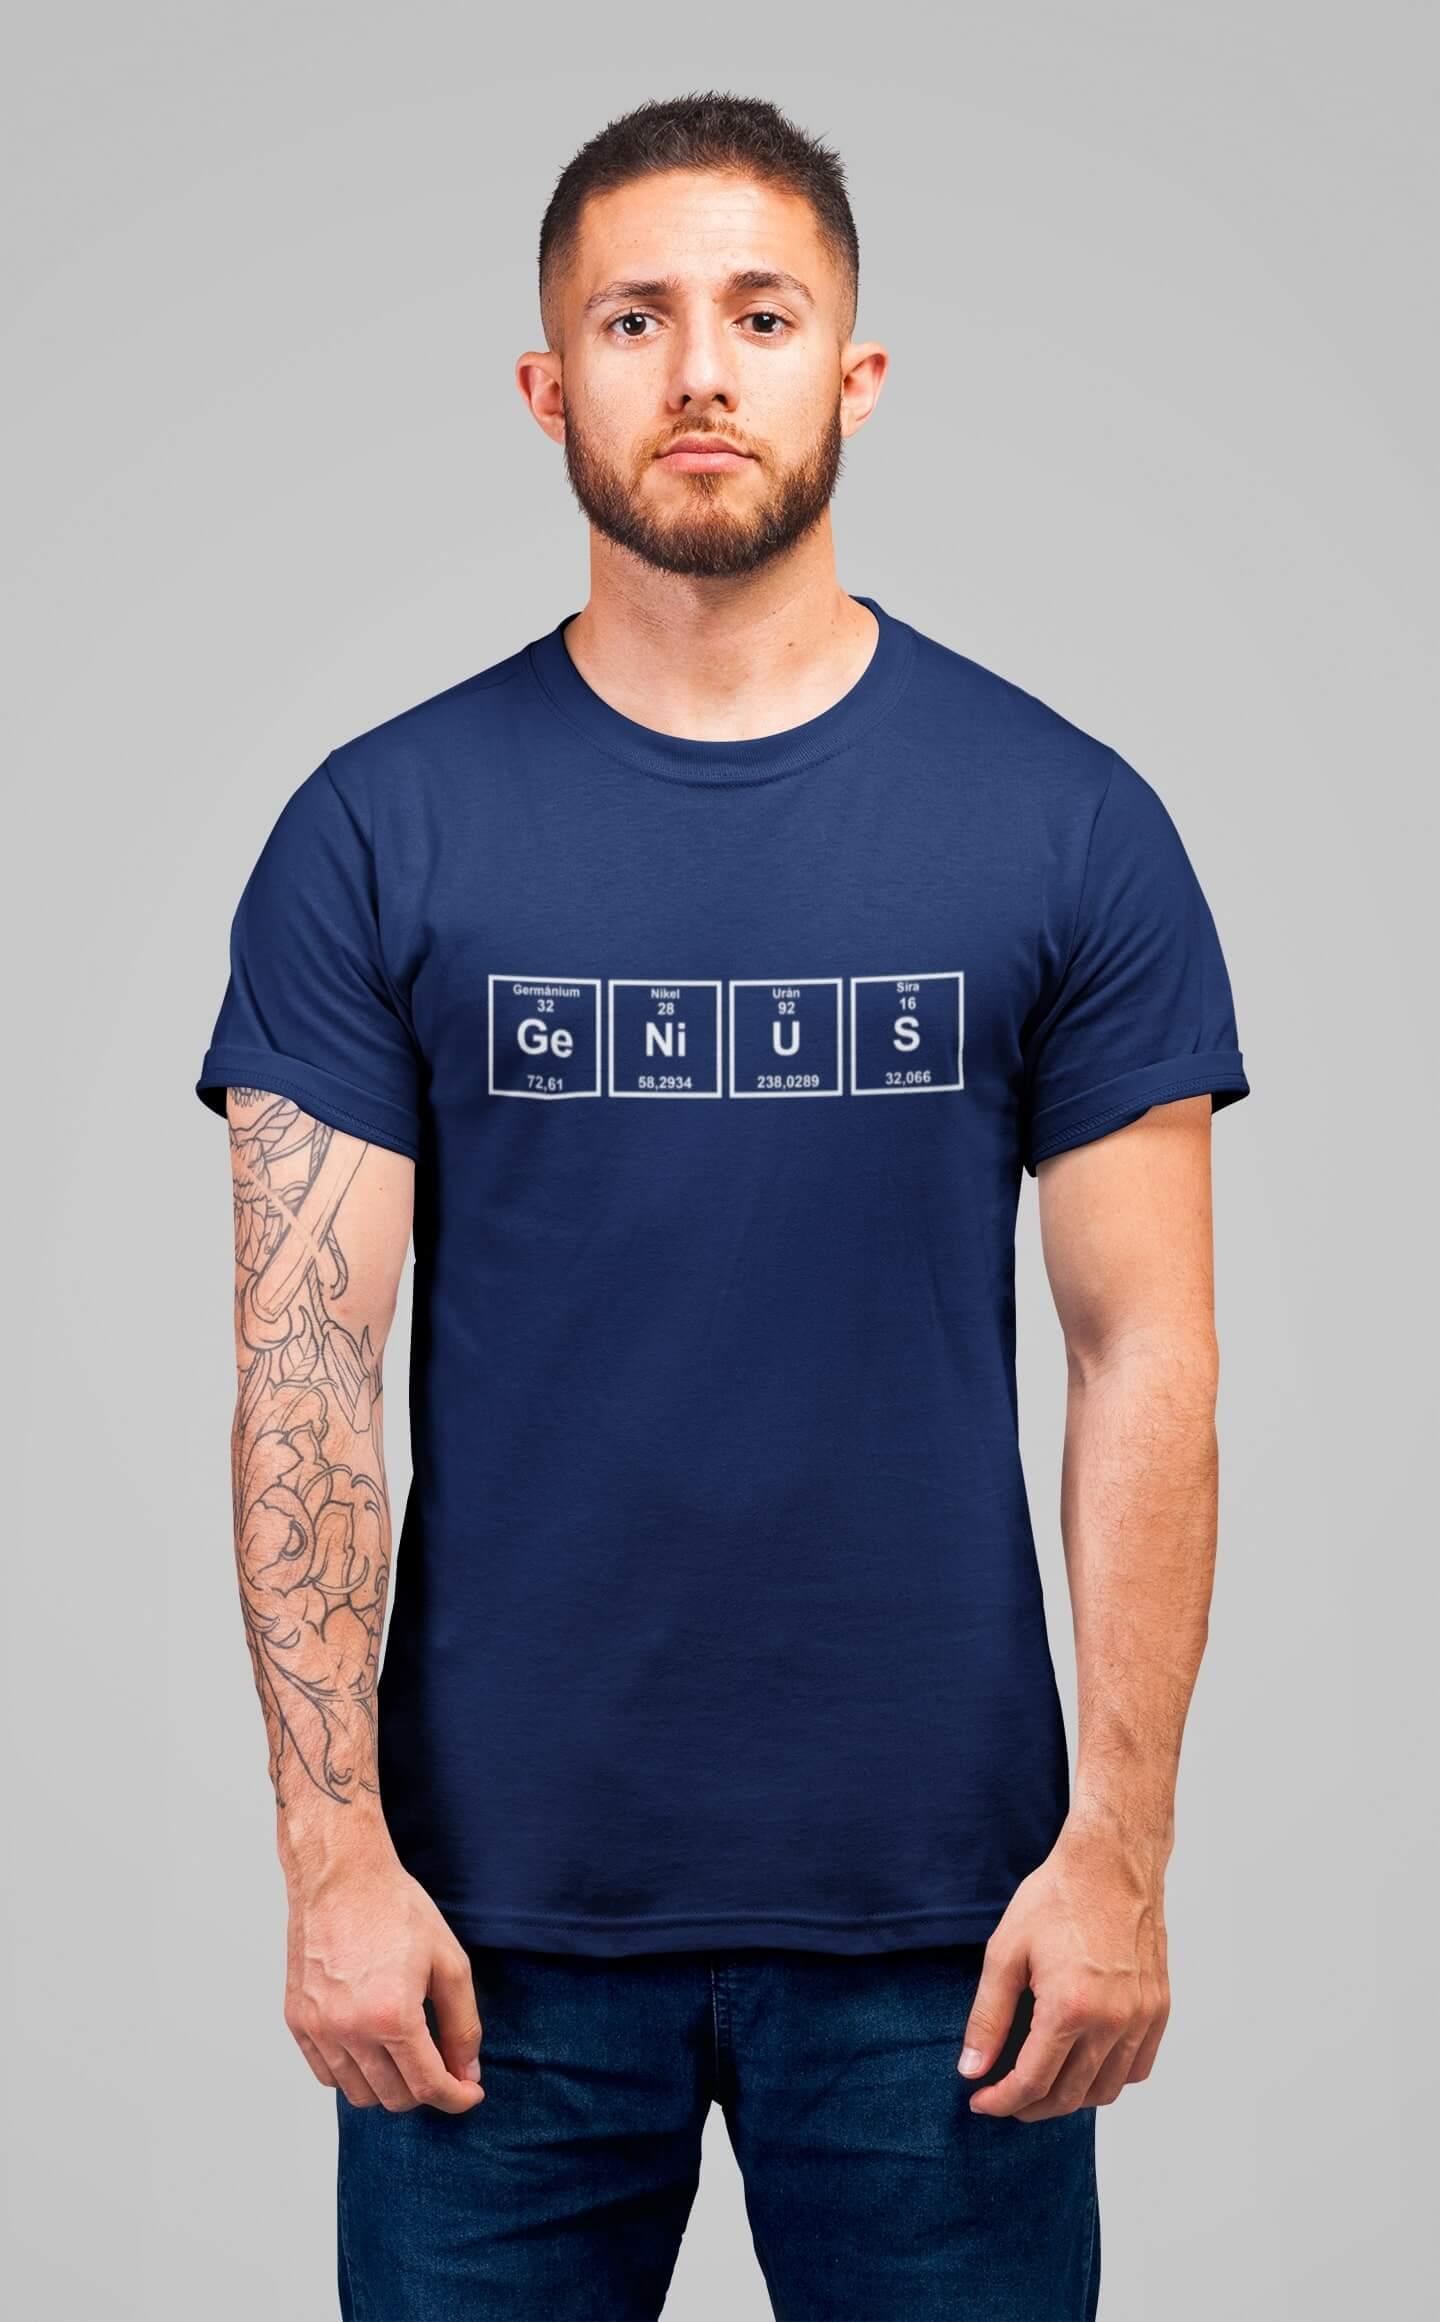 MMO Pánske tričko Genius Vyberte farbu: Polnočná modrá, Vyberte veľkosť: XS